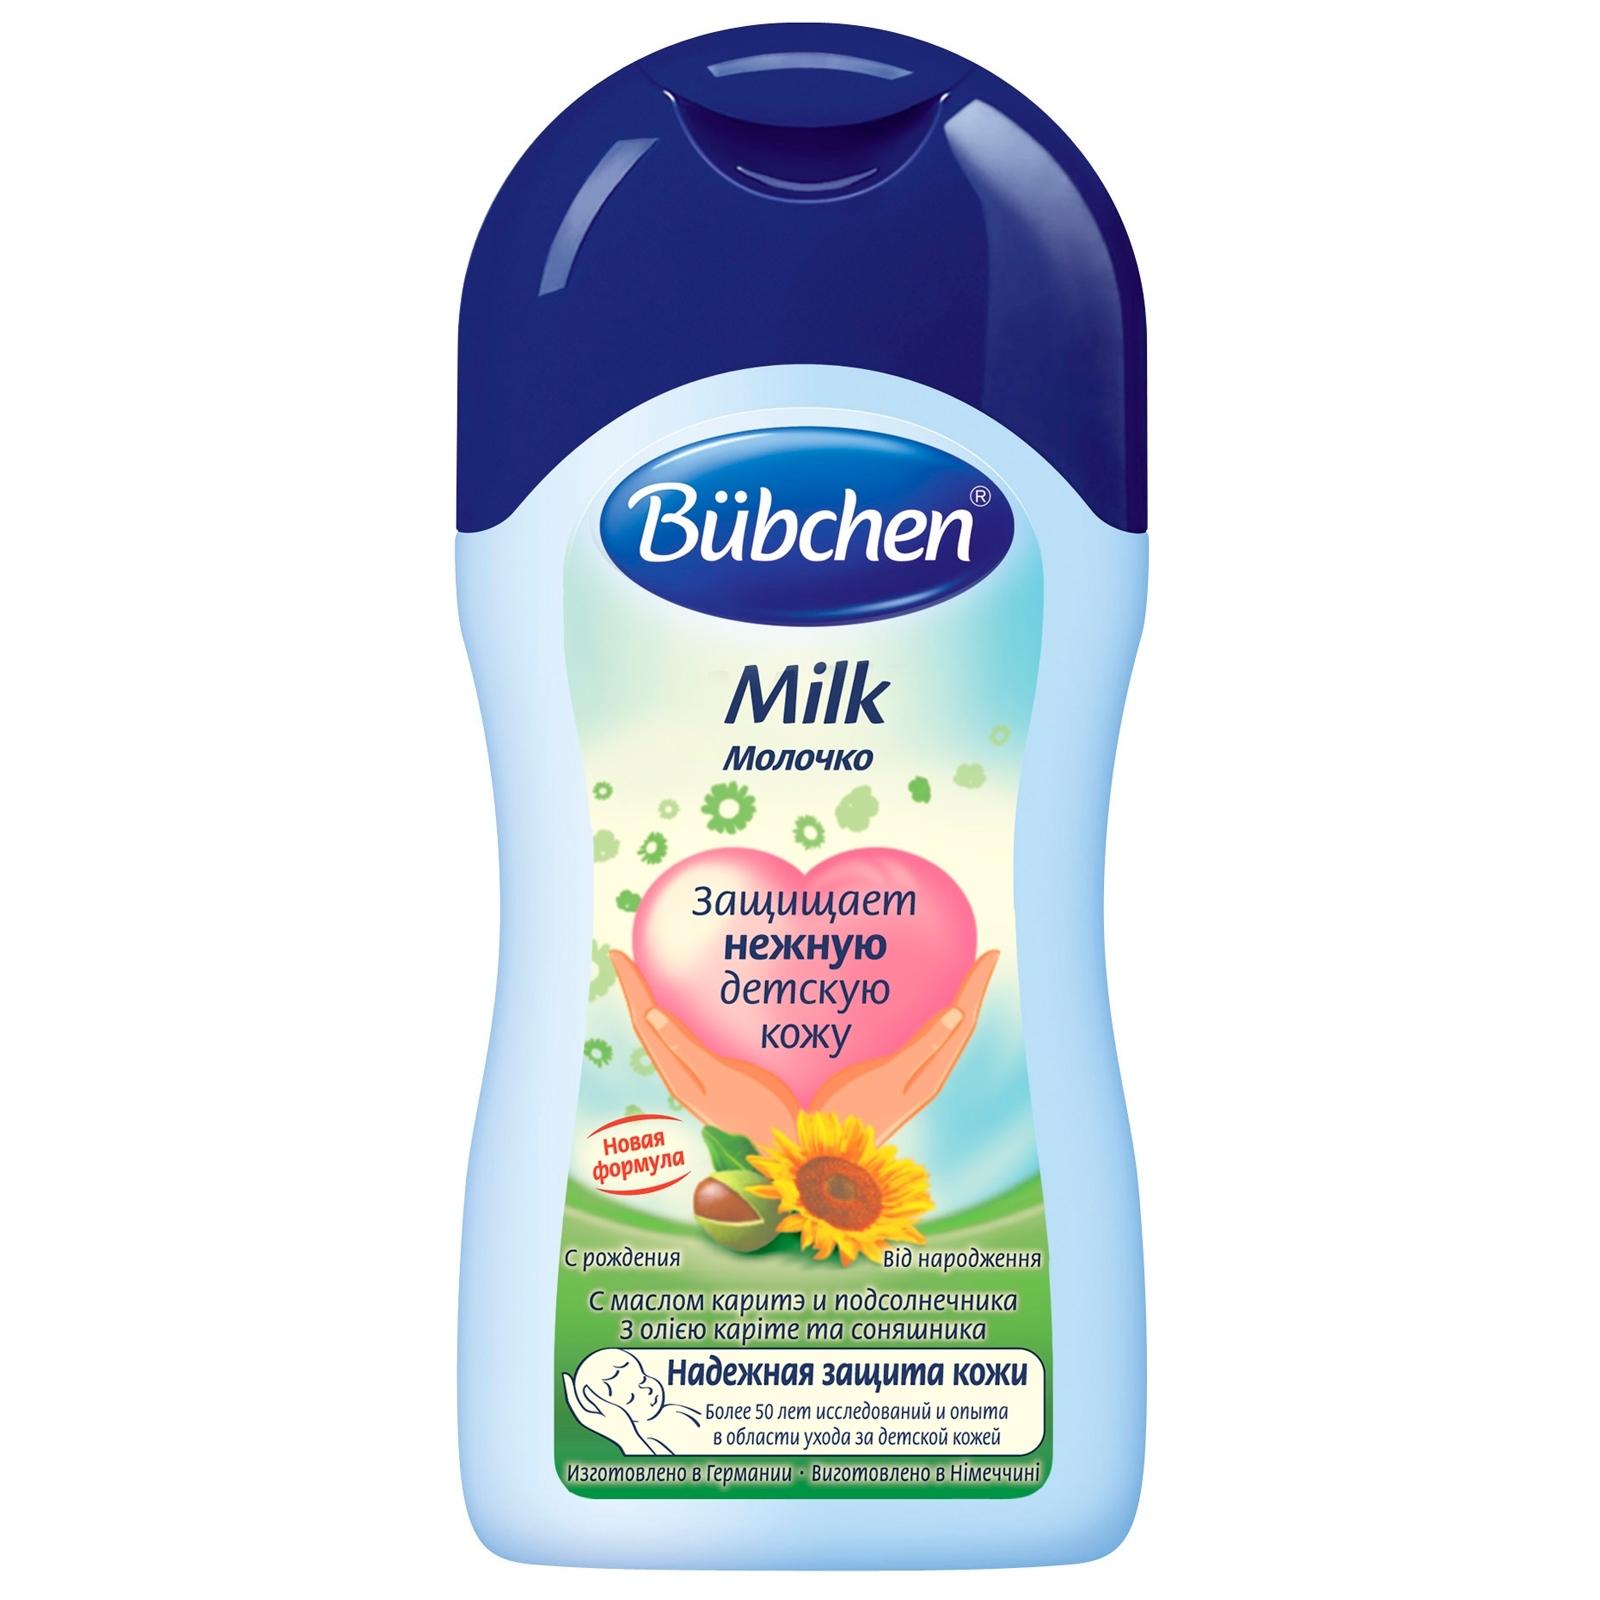 Молочко Bubchen увлажняющее 400 мл  с маслами каритэ и подсолнечника<br>